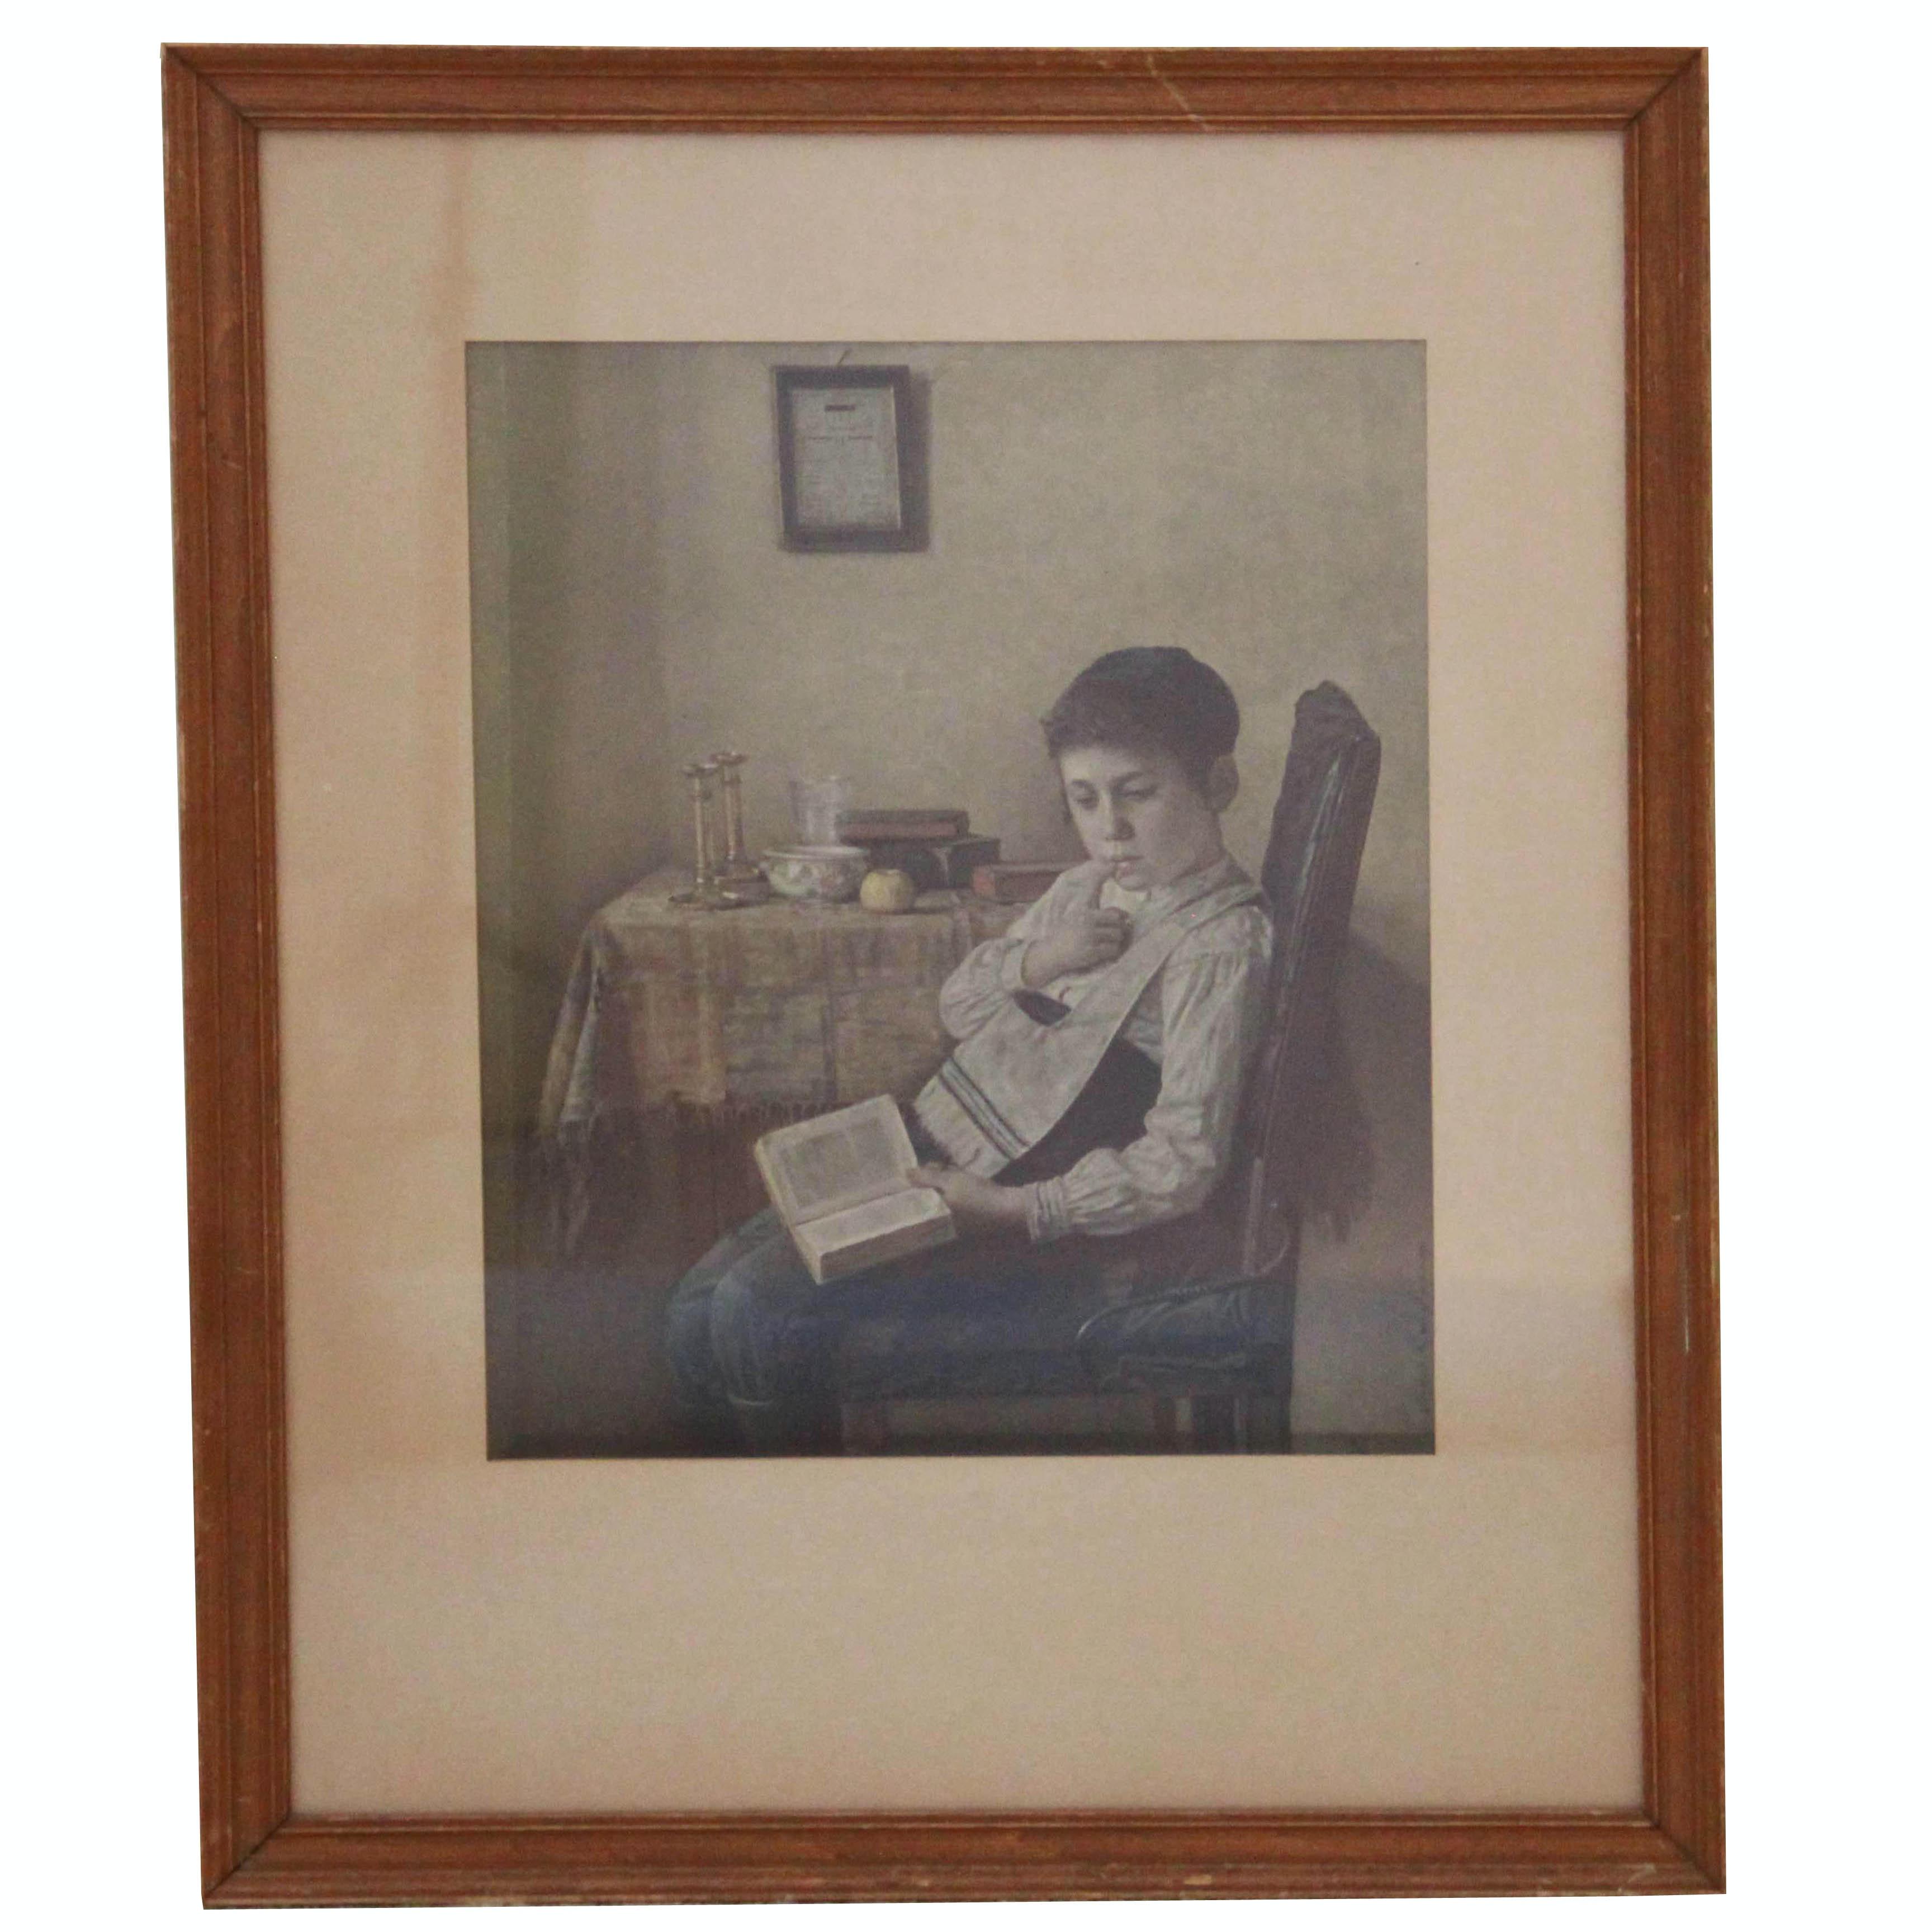 Framed Offset Lithograph After Isidor Kaufmann